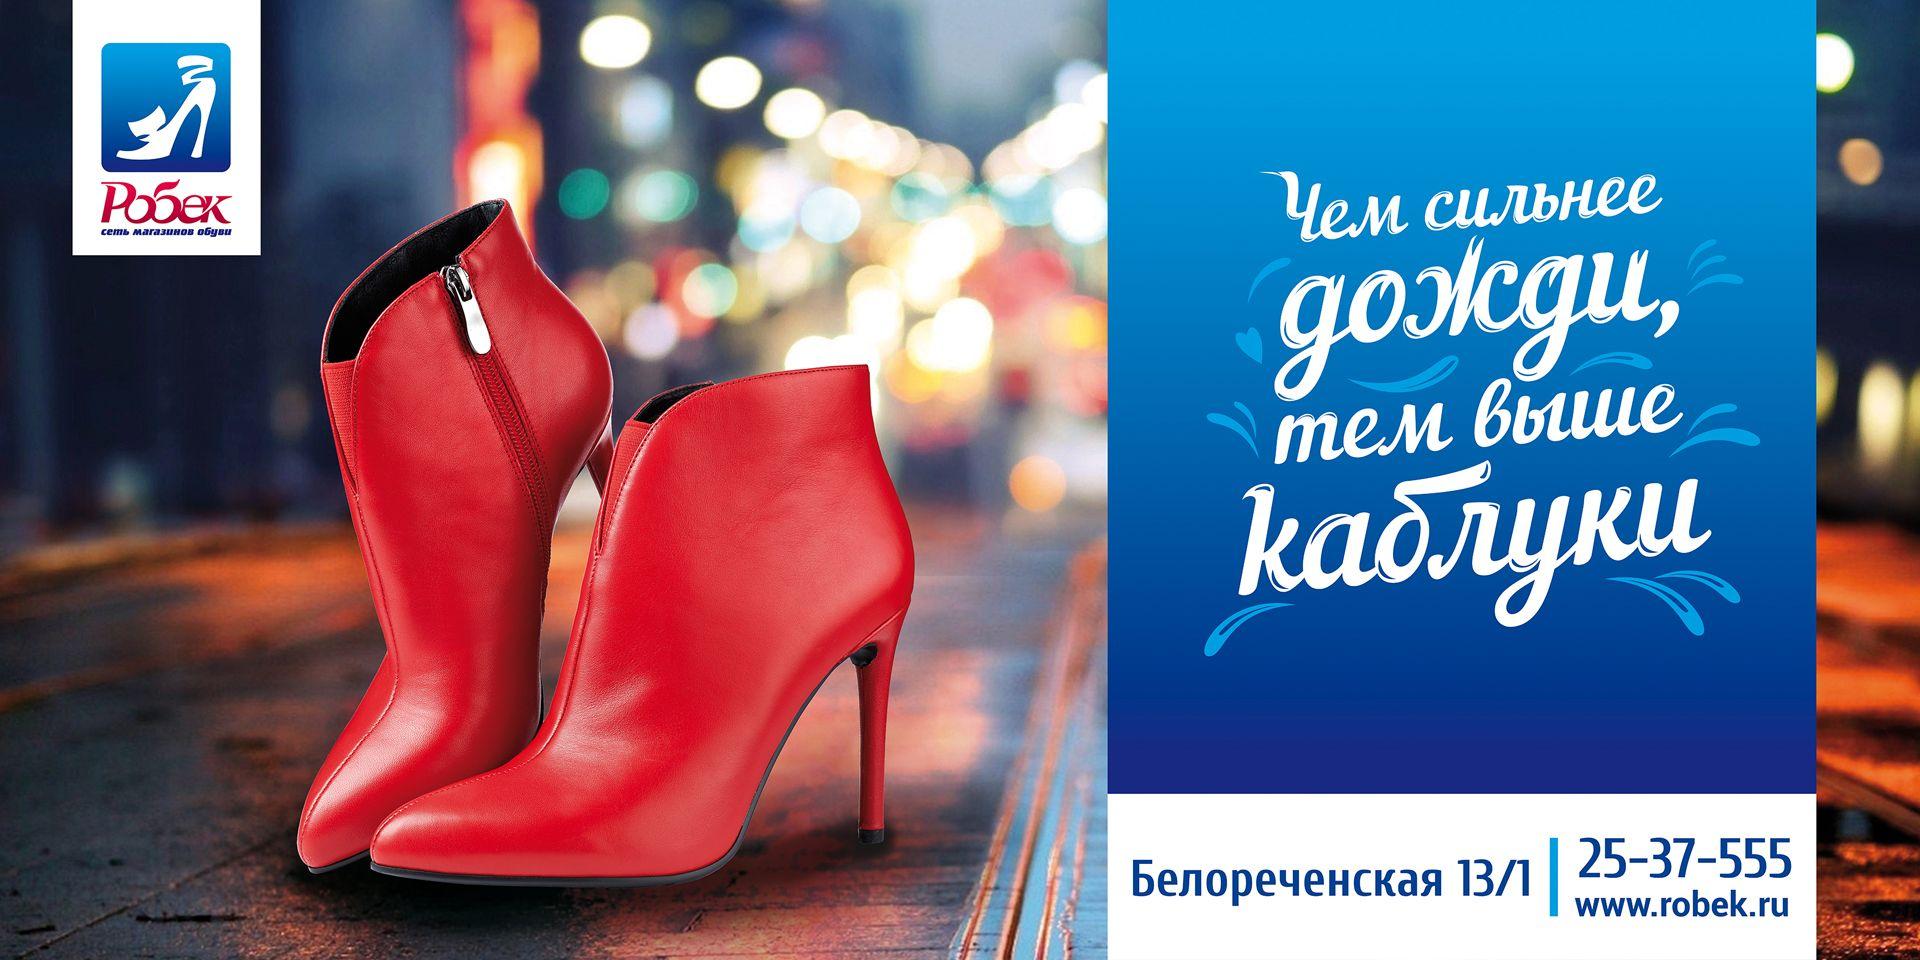 Размещение наружной рекламы для сети обувных магазинов Робек